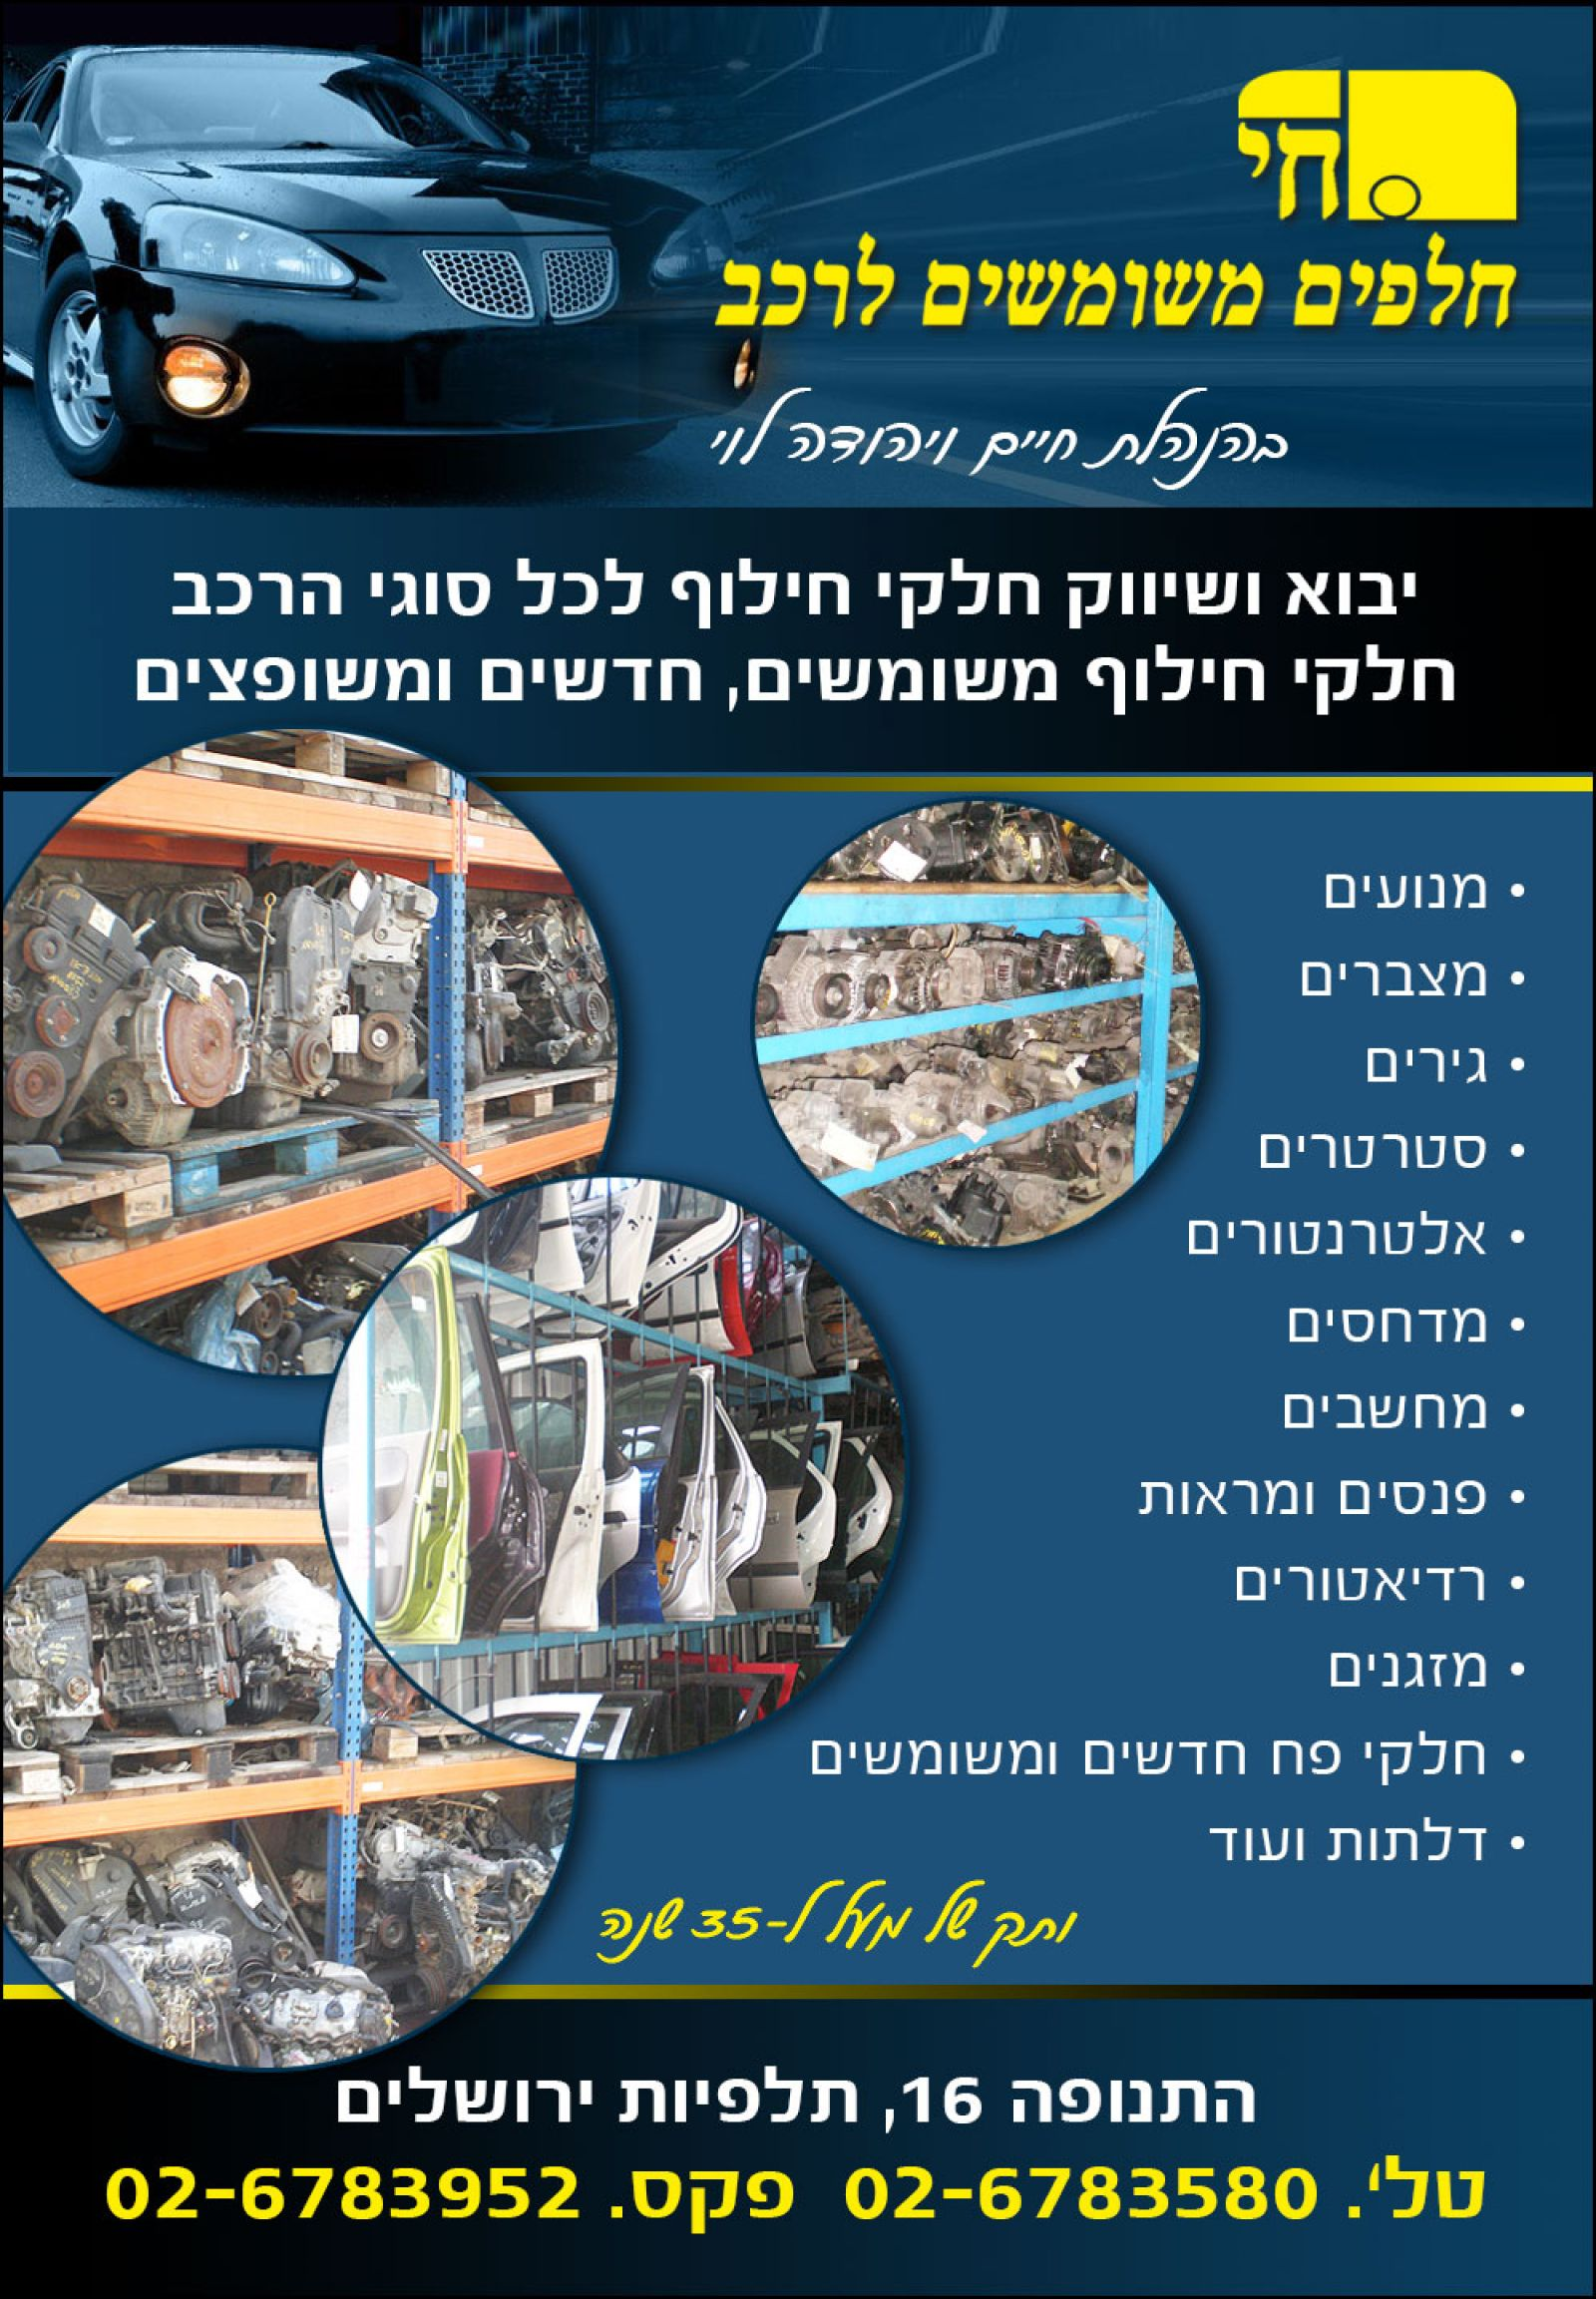 מצטיין חי חלפים משומשים לרכב - ירושלים - חלפים לרכב - מנועים וראשים-שיפוץ YE-55